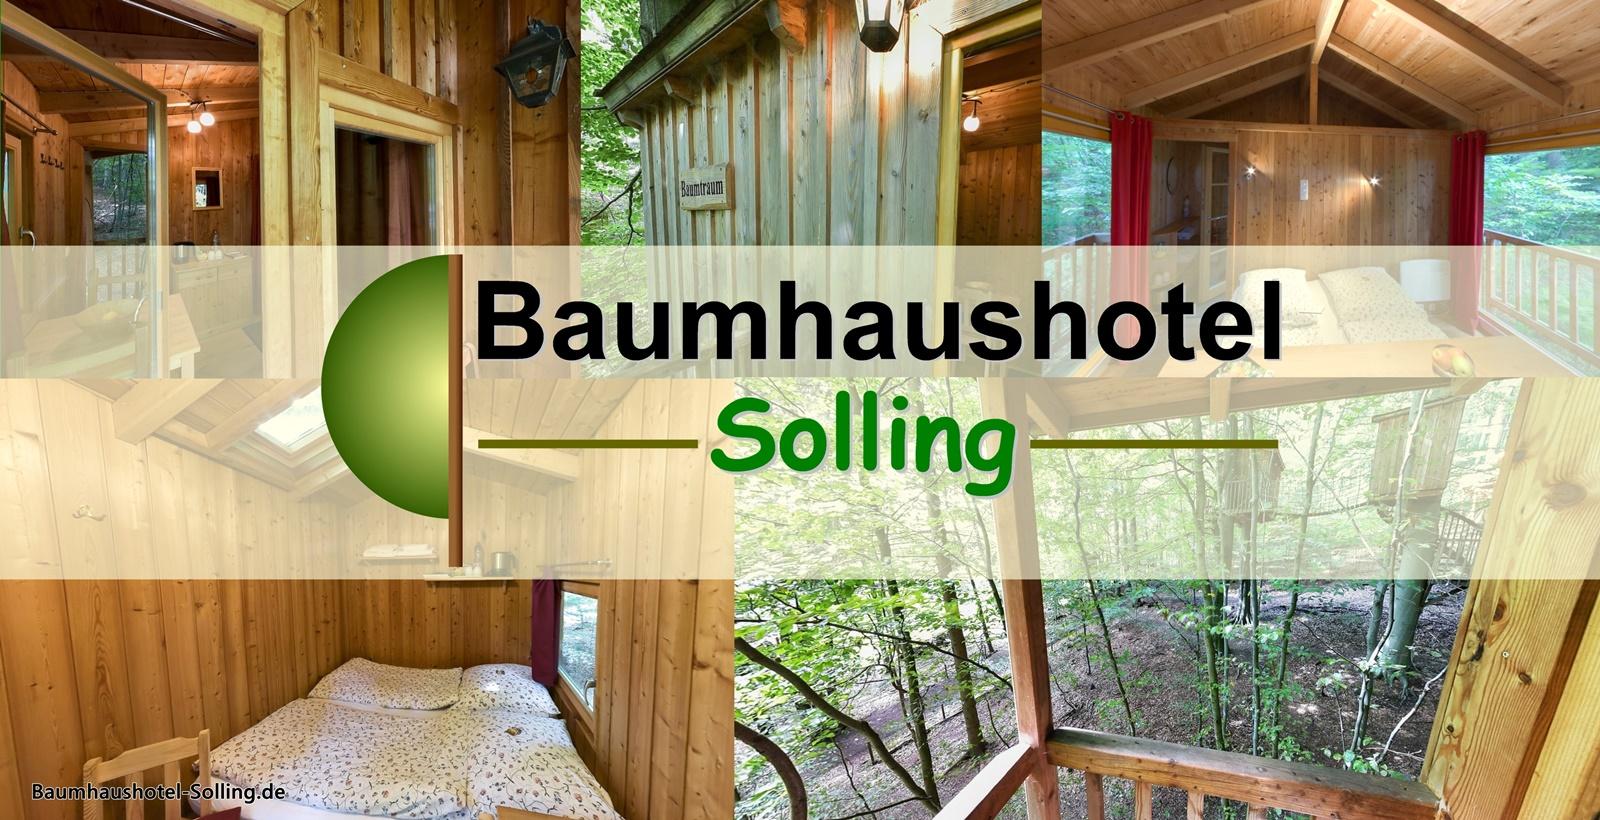 Kalender vom Baumhaushotel Solling